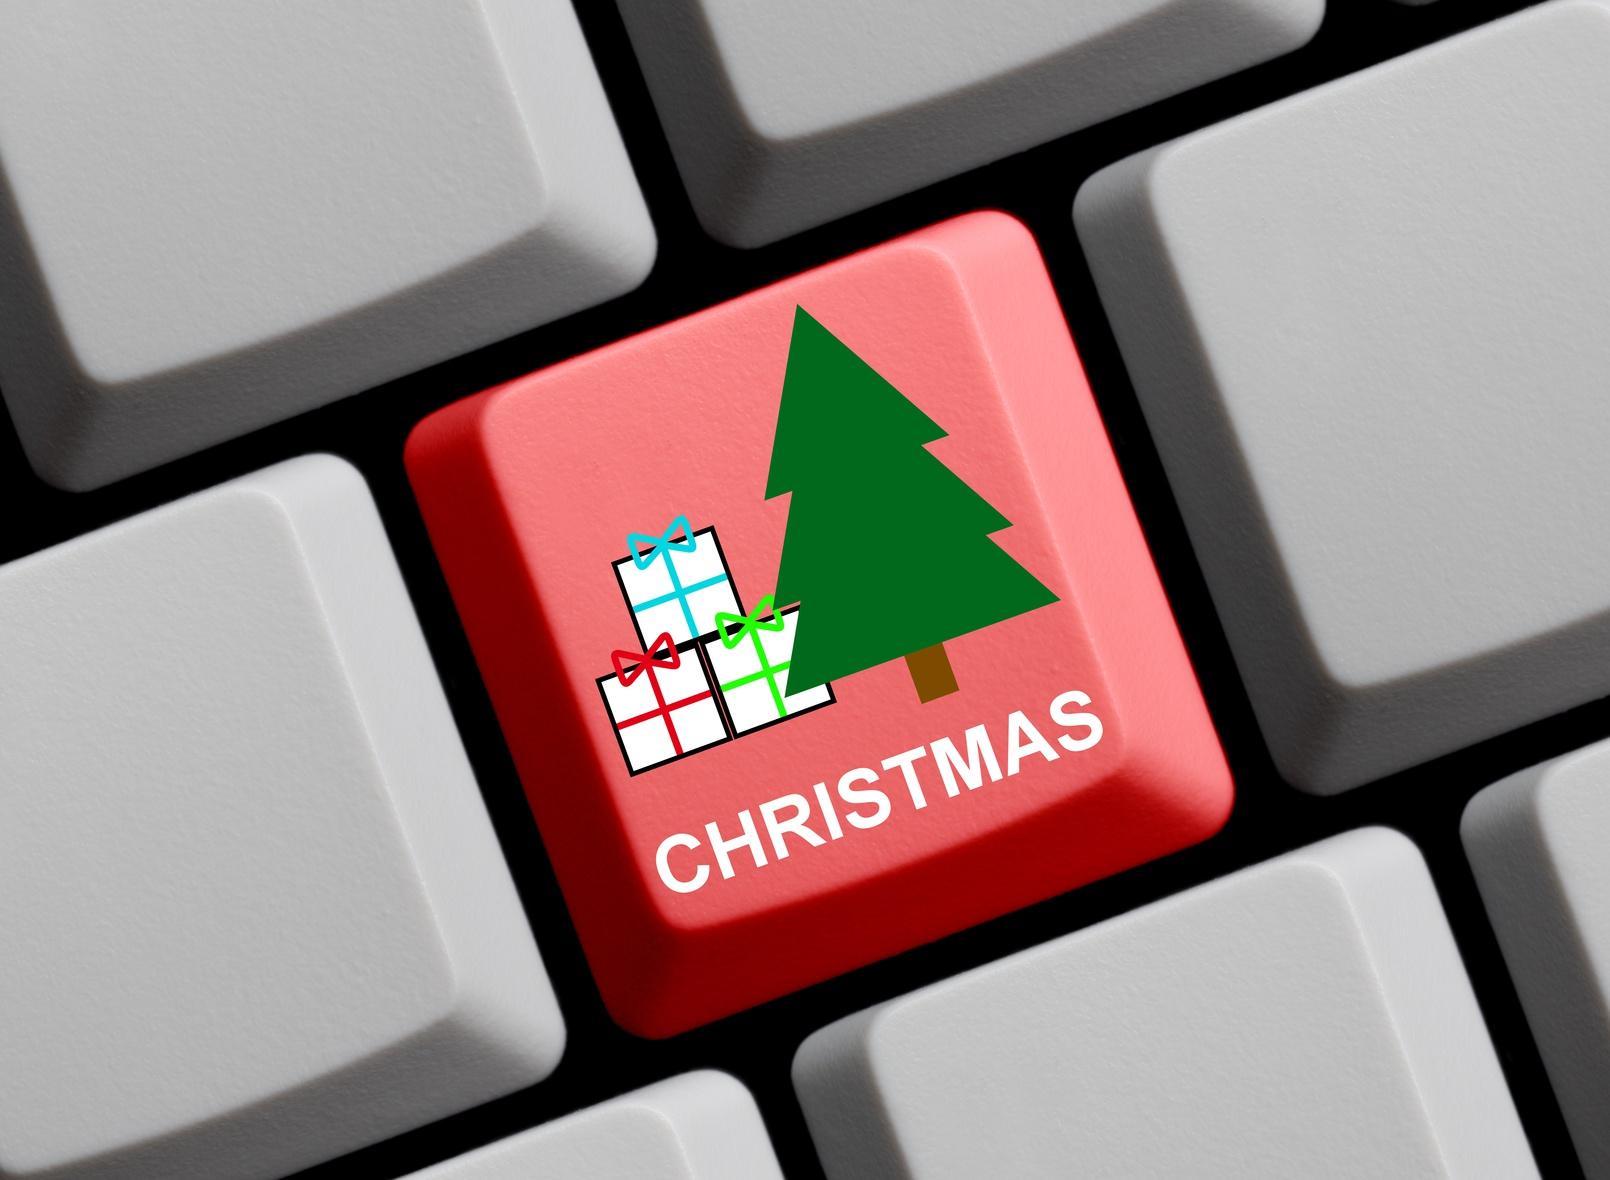 dein digitaler adventskalender mit attraktiven preisen sch ne weihnachten. Black Bedroom Furniture Sets. Home Design Ideas